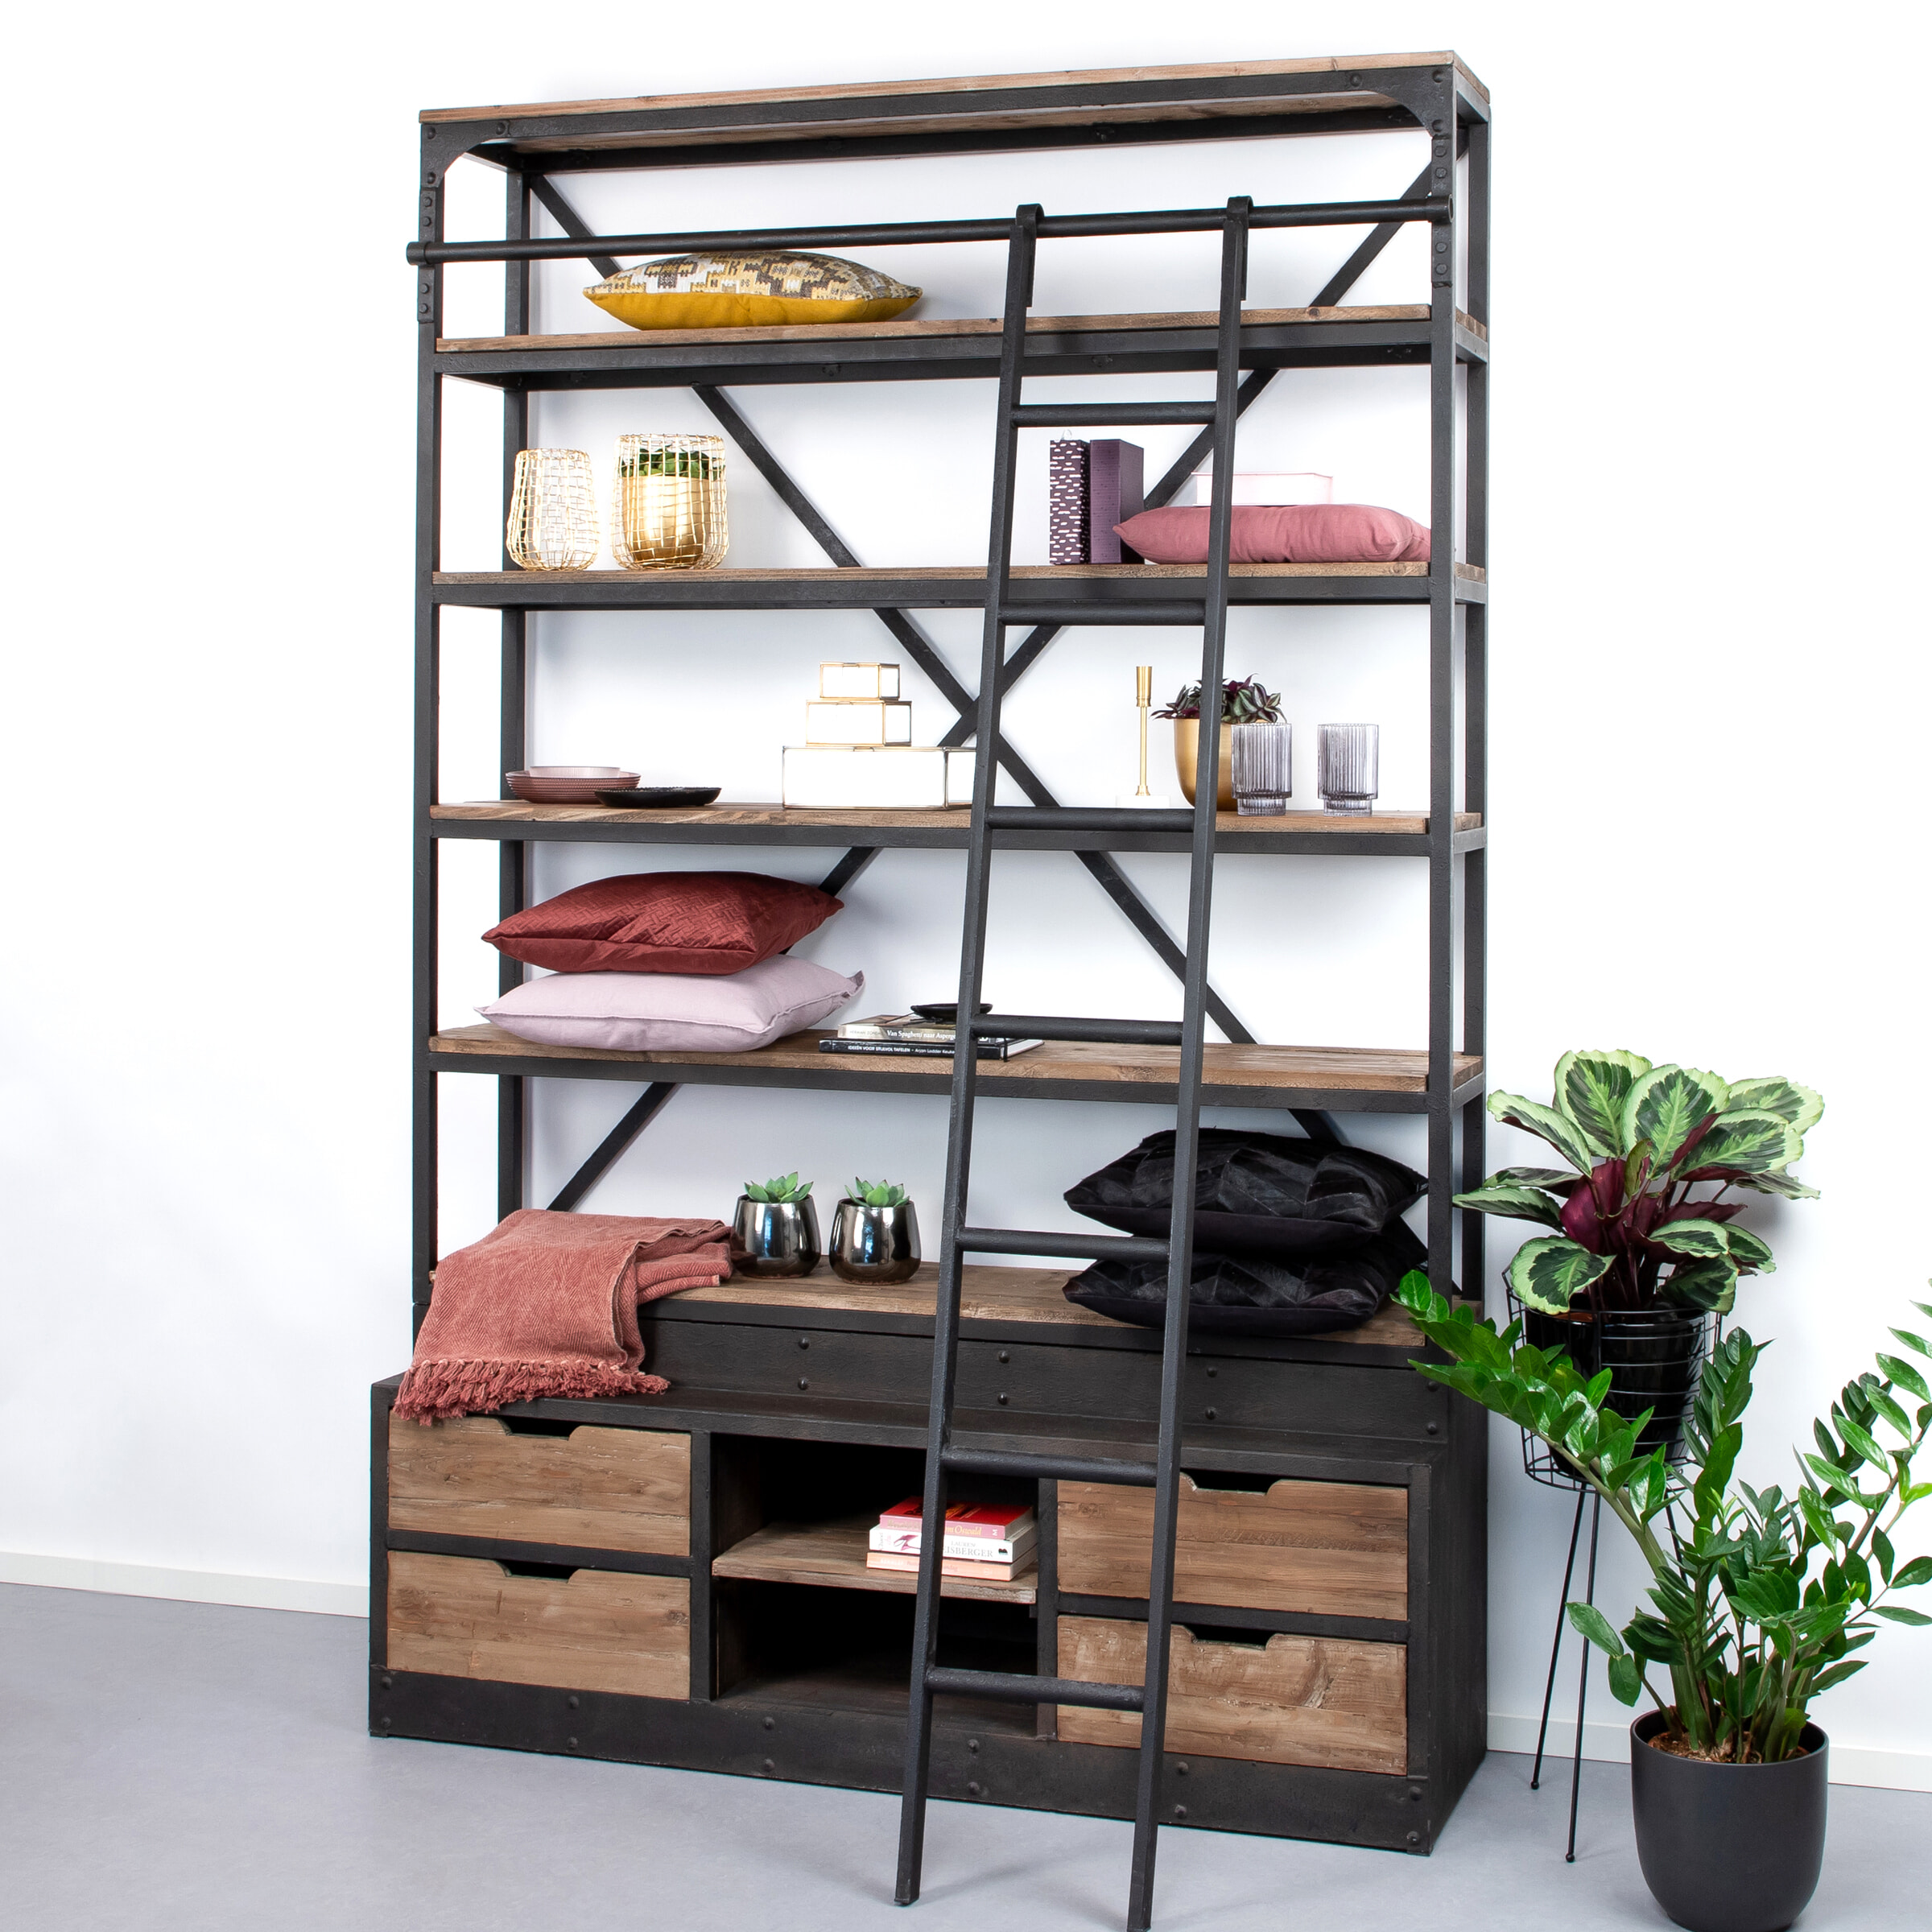 SoHome Industriele Wandkast / Boekenkast 'Juliën' met ladder Kasten | Boekenkasten vergelijken doe je het voordeligst hier bij Meubelpartner